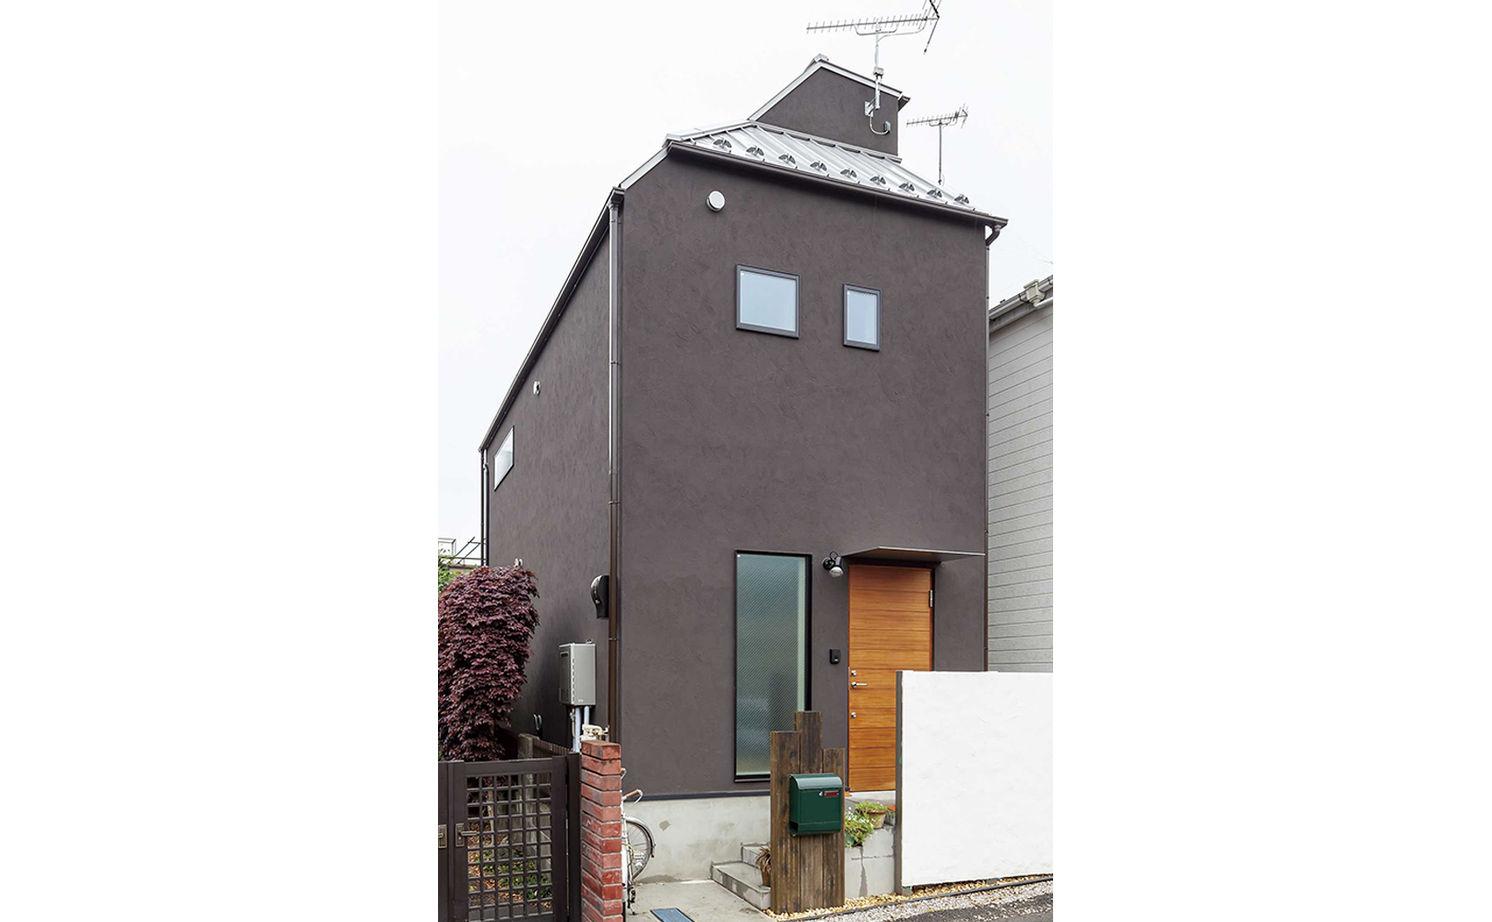 【1470万円】13.8坪の敷地に夢を詰め込んだ「アンティーク・レトロ」な住まい画像2